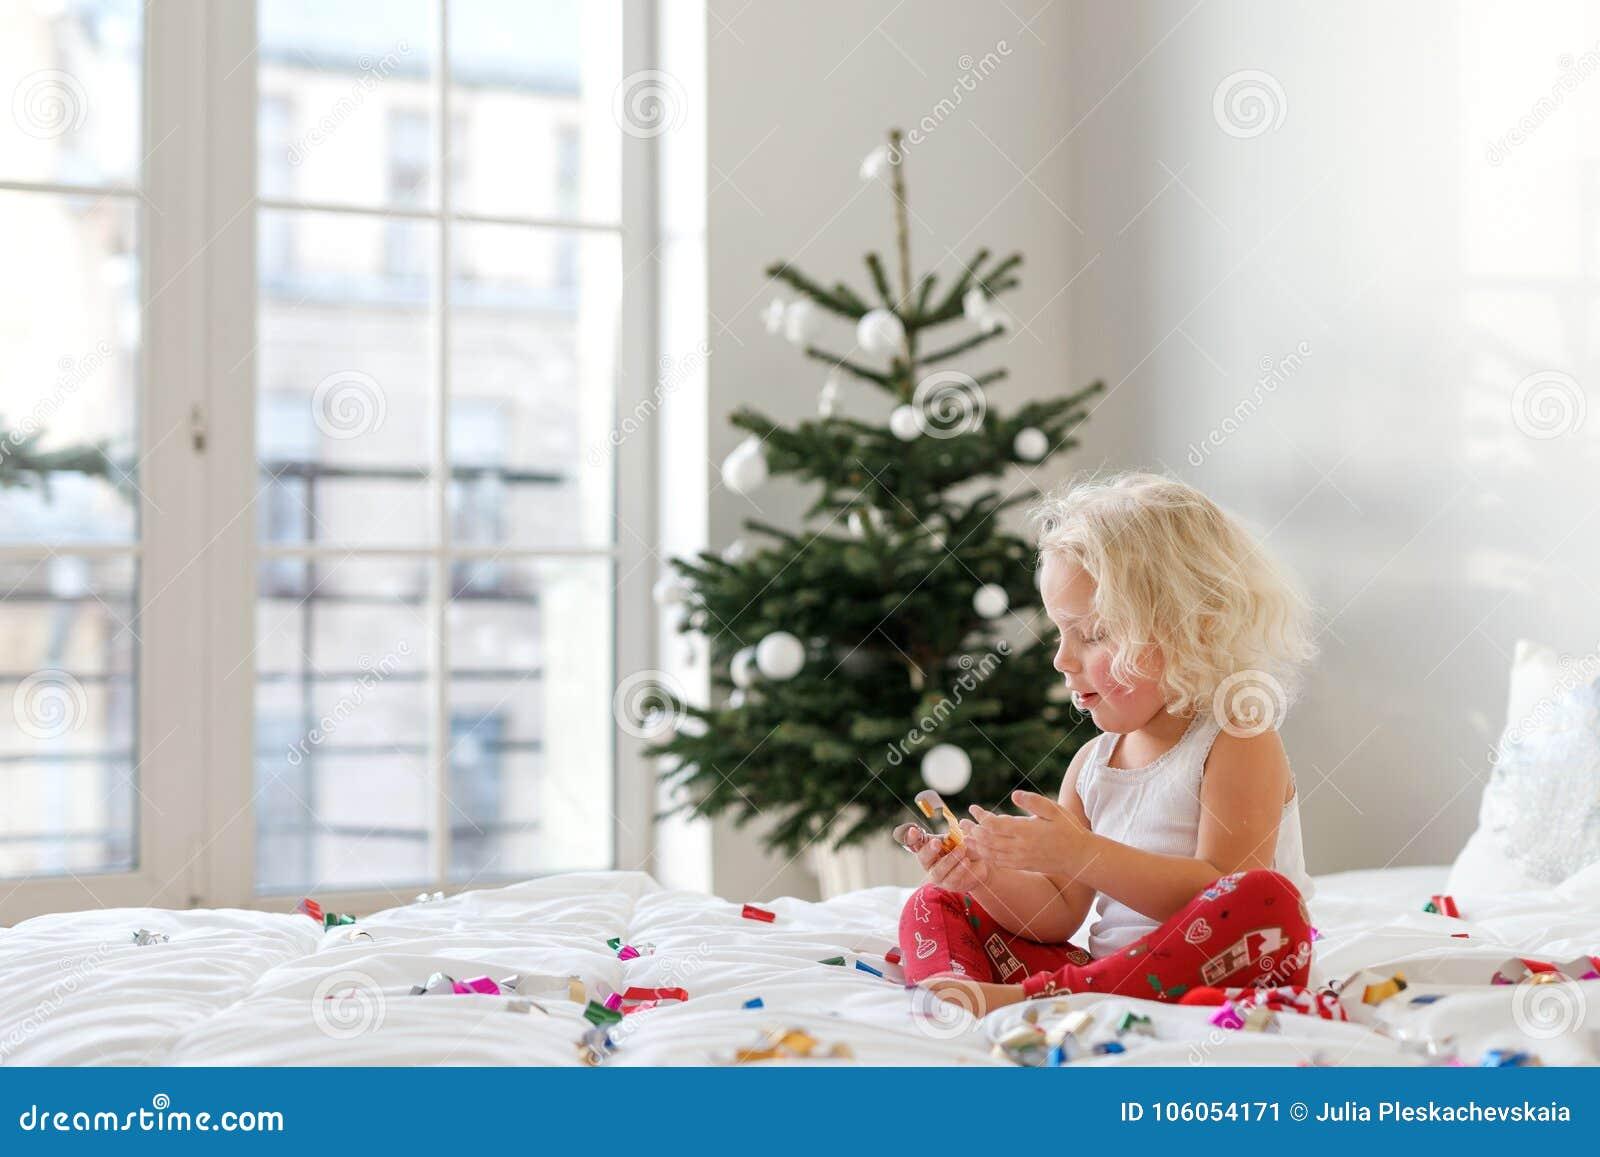 Det inomhus skottet av den blonda lockiga lilla ungen sitter korsade ben på bekväm säng, spelar med färgglad legitimationshandlin